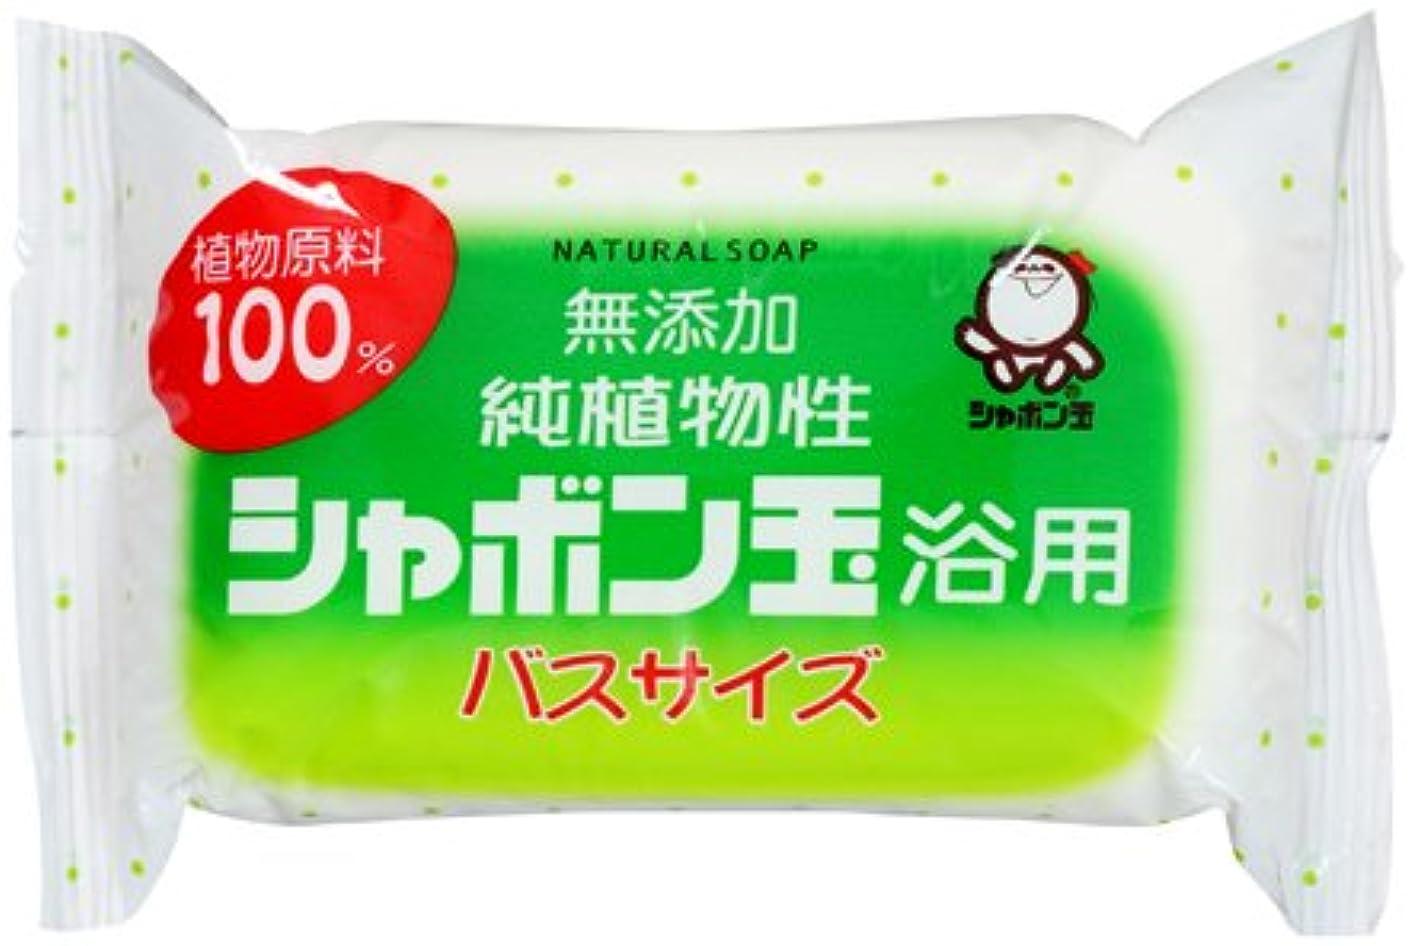 冷えるロバ挨拶するシャボン玉石けん シャボン玉 純植物性 浴用 バスサイズ 155g(無添加石鹸)×60点セット (4901797003051)